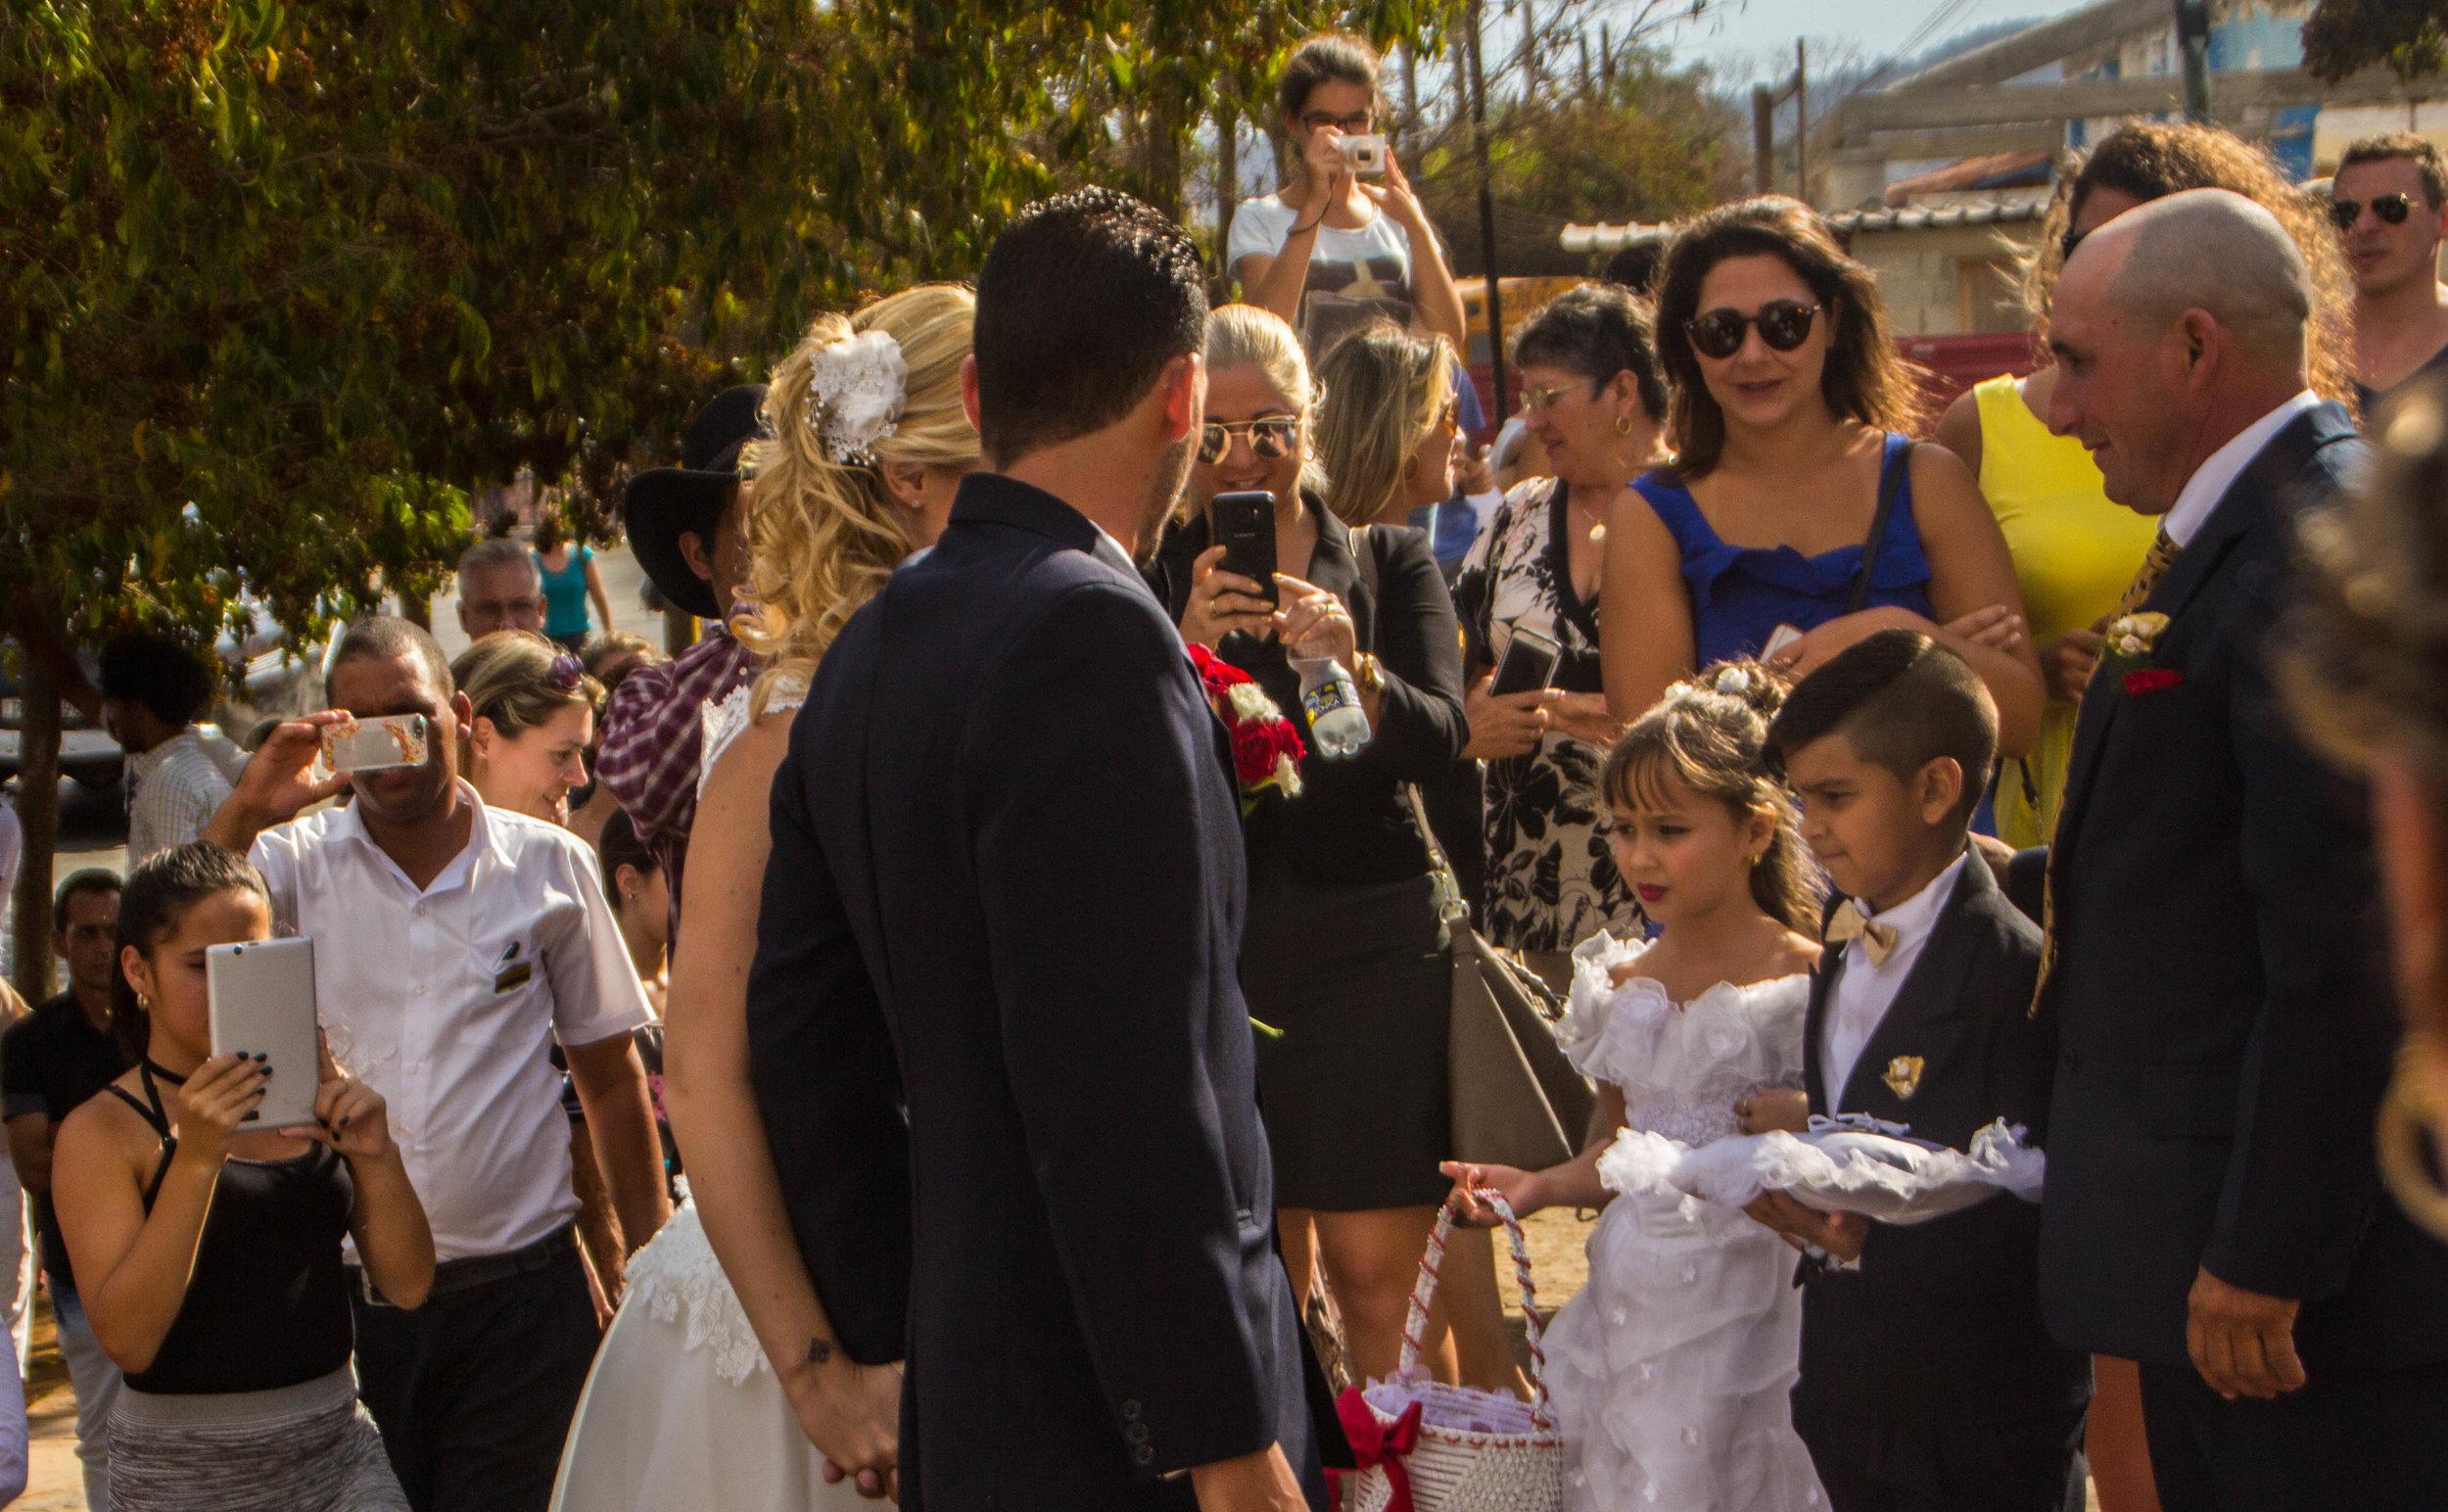 cuban wedding viñales cuba-1-2-2.jpg